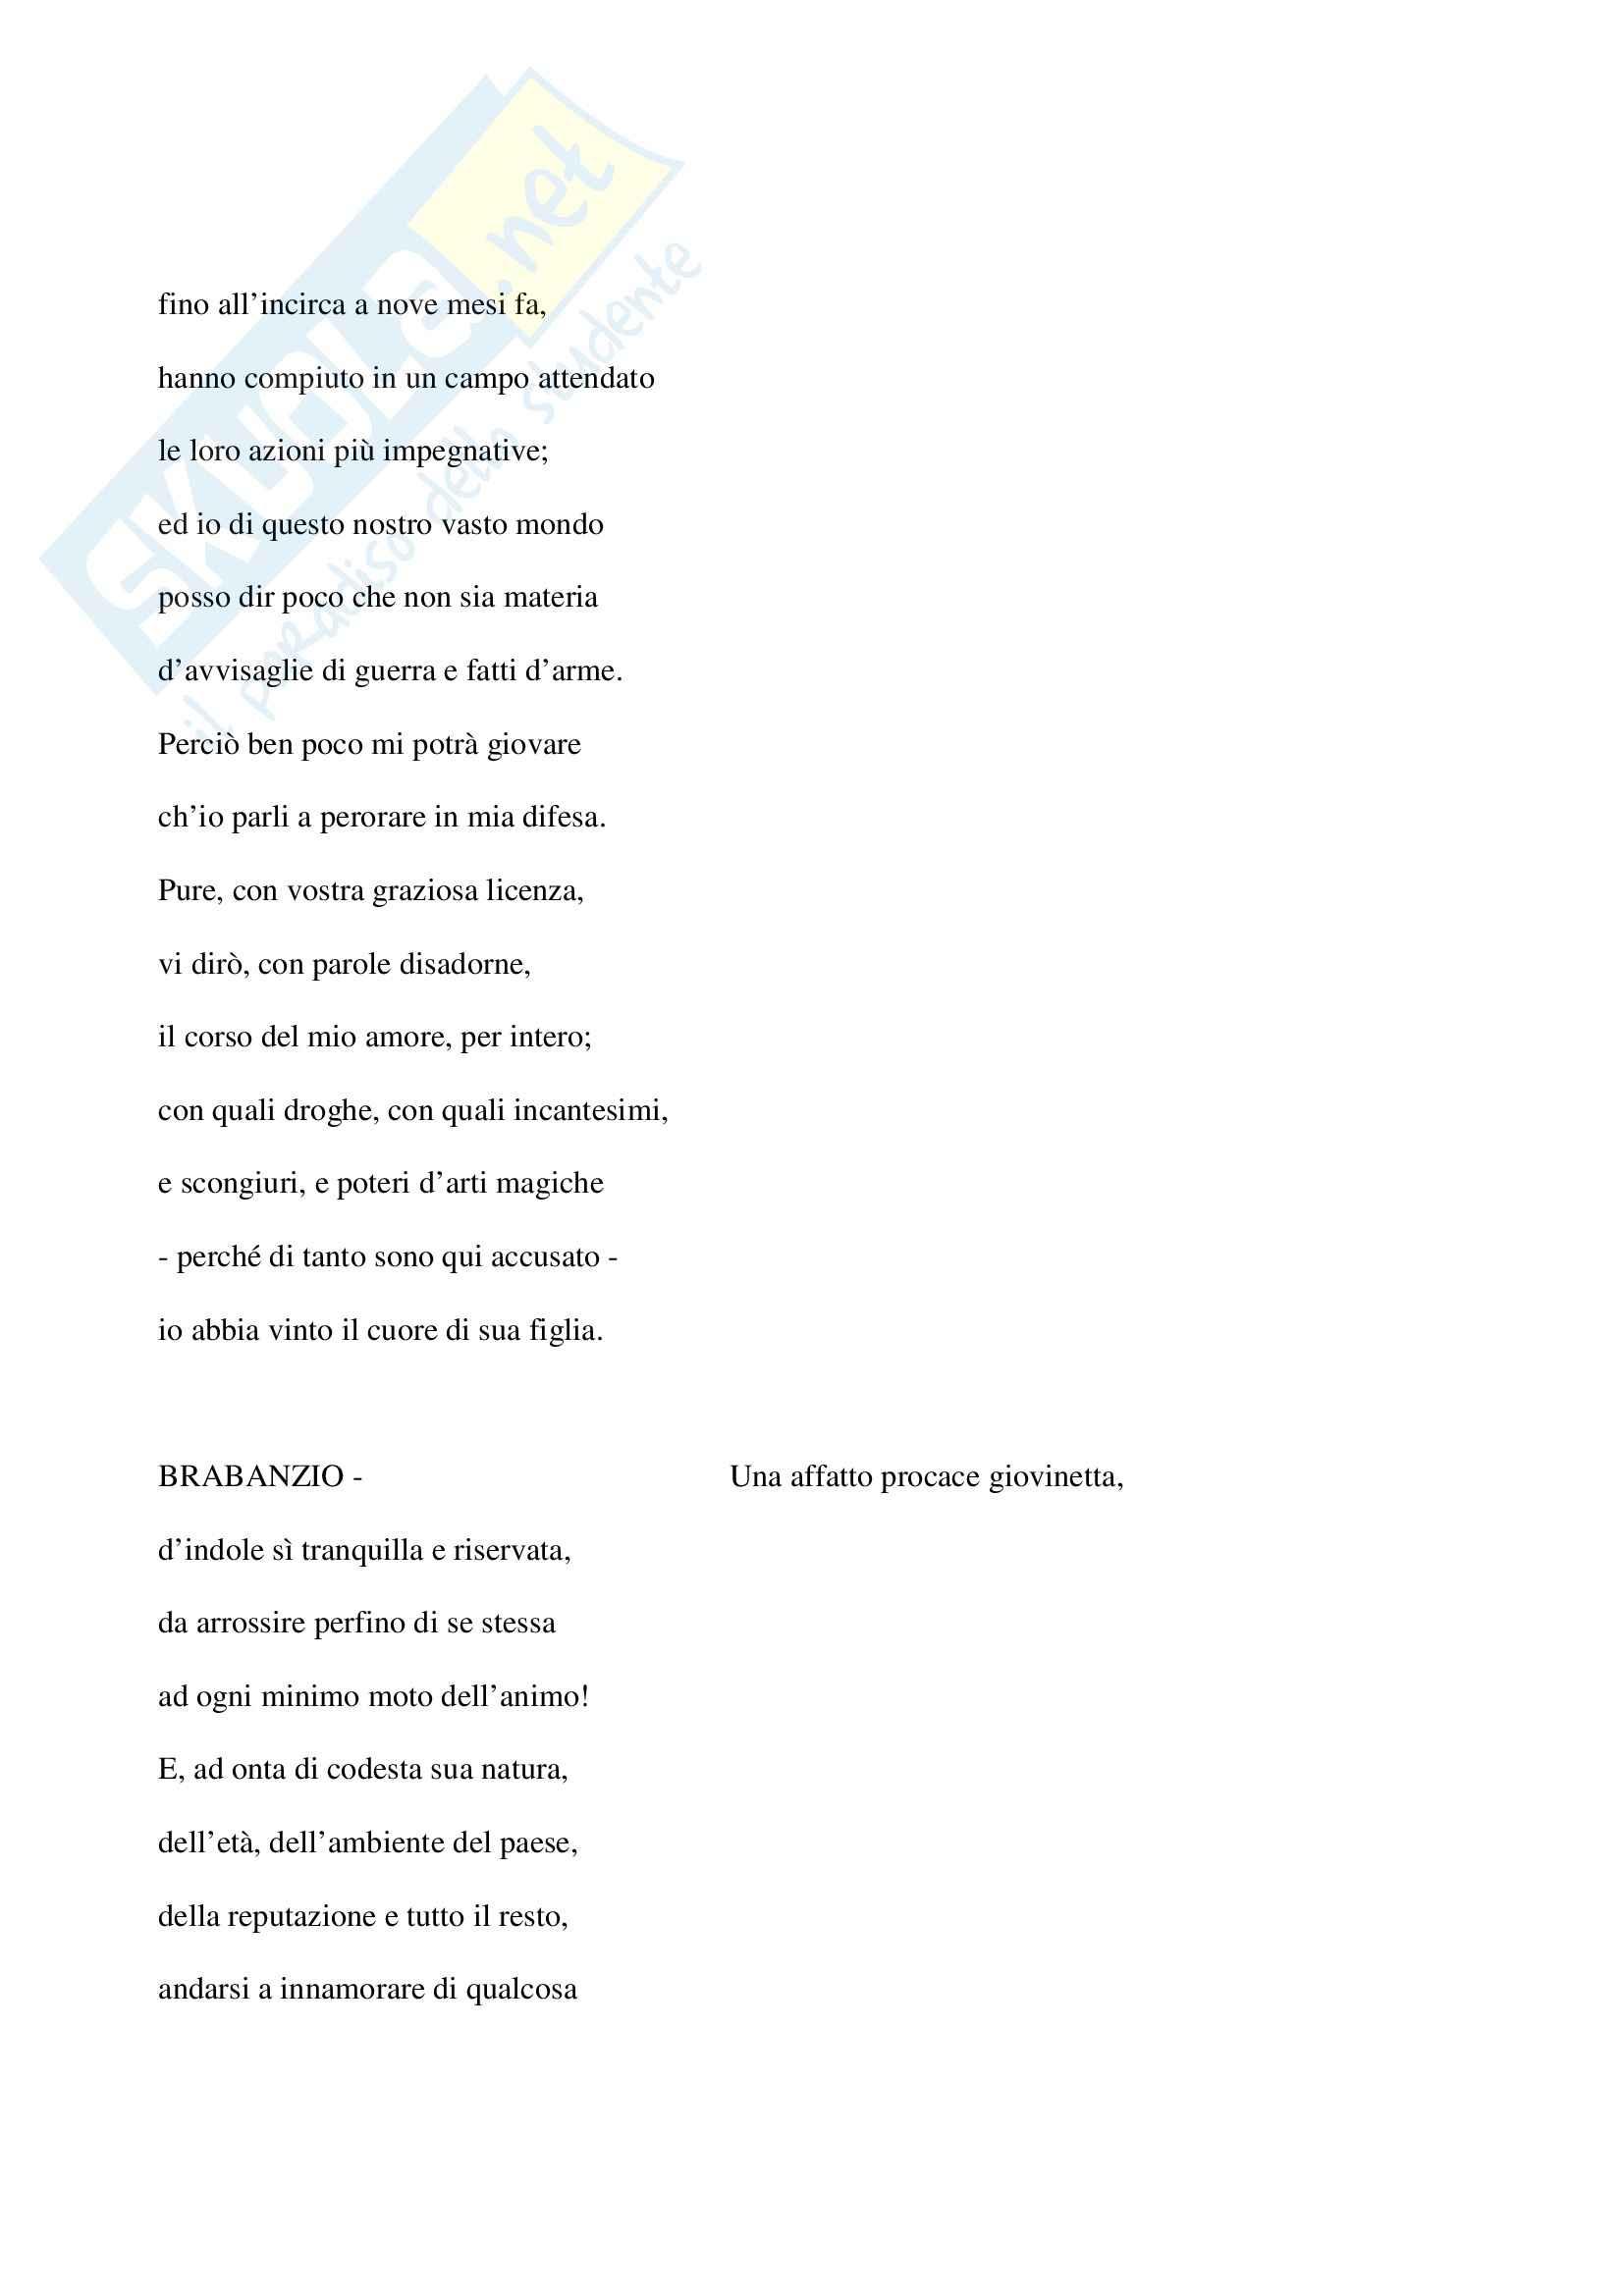 Otello, Shakespeare - Testo completo Pag. 36